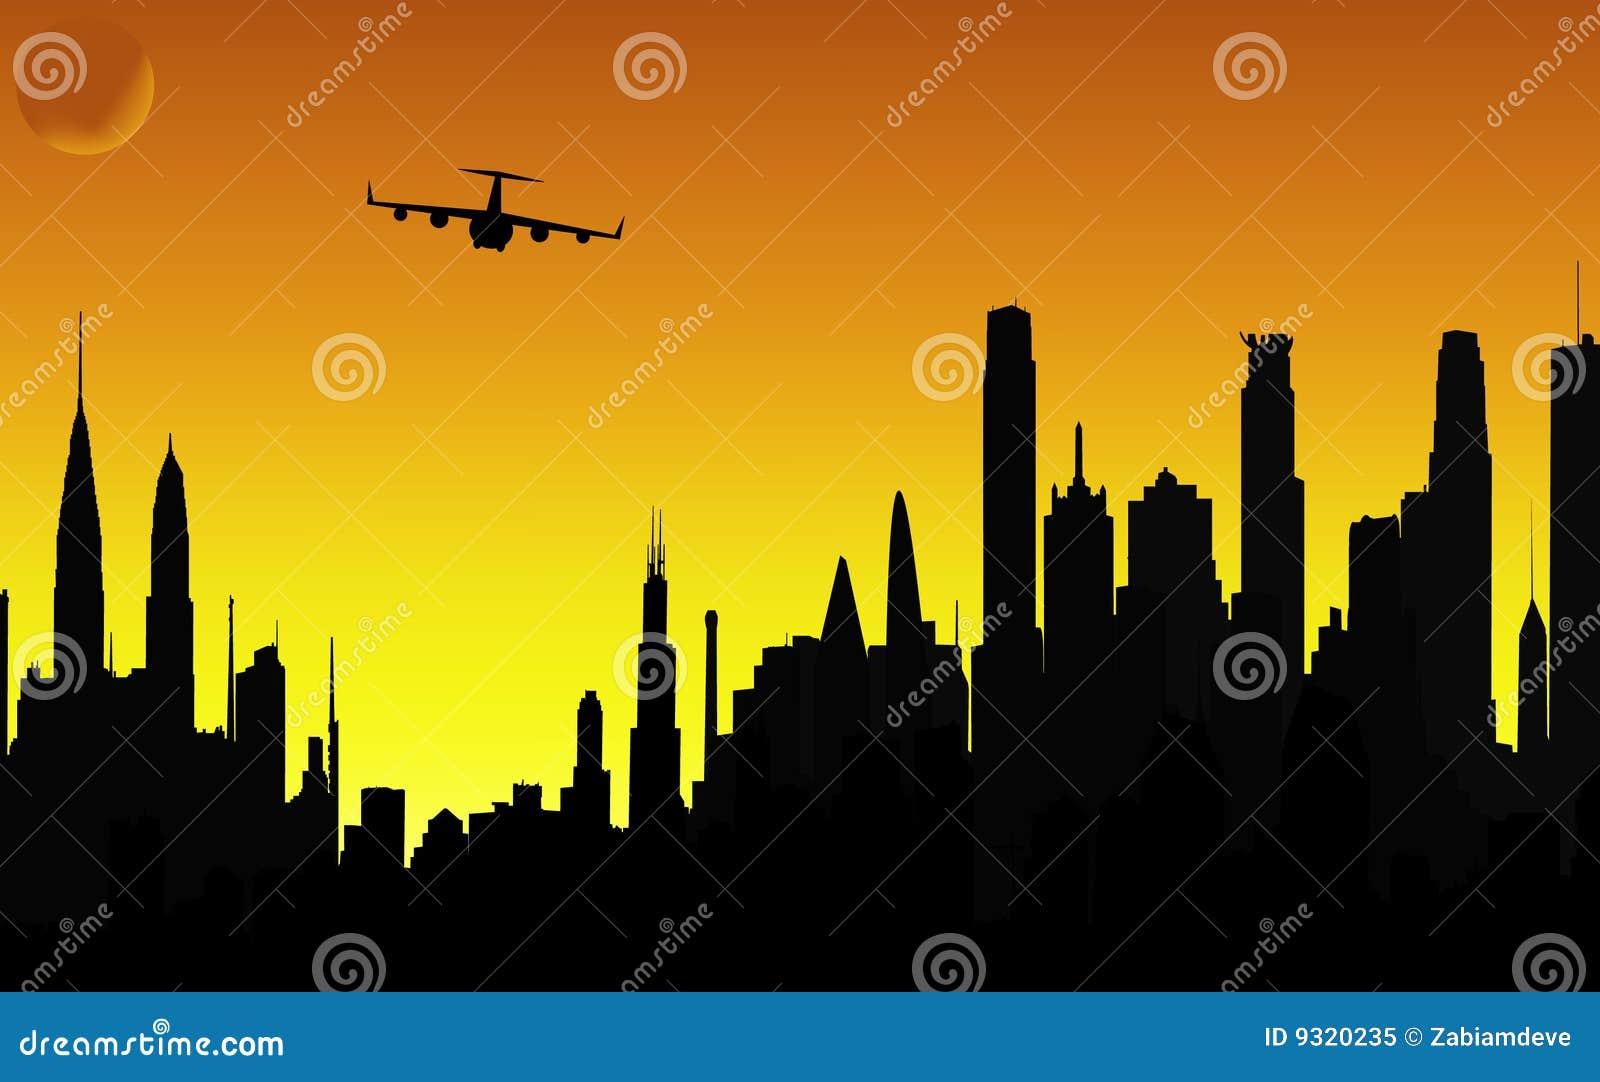 飞机城市现出轮廓向量